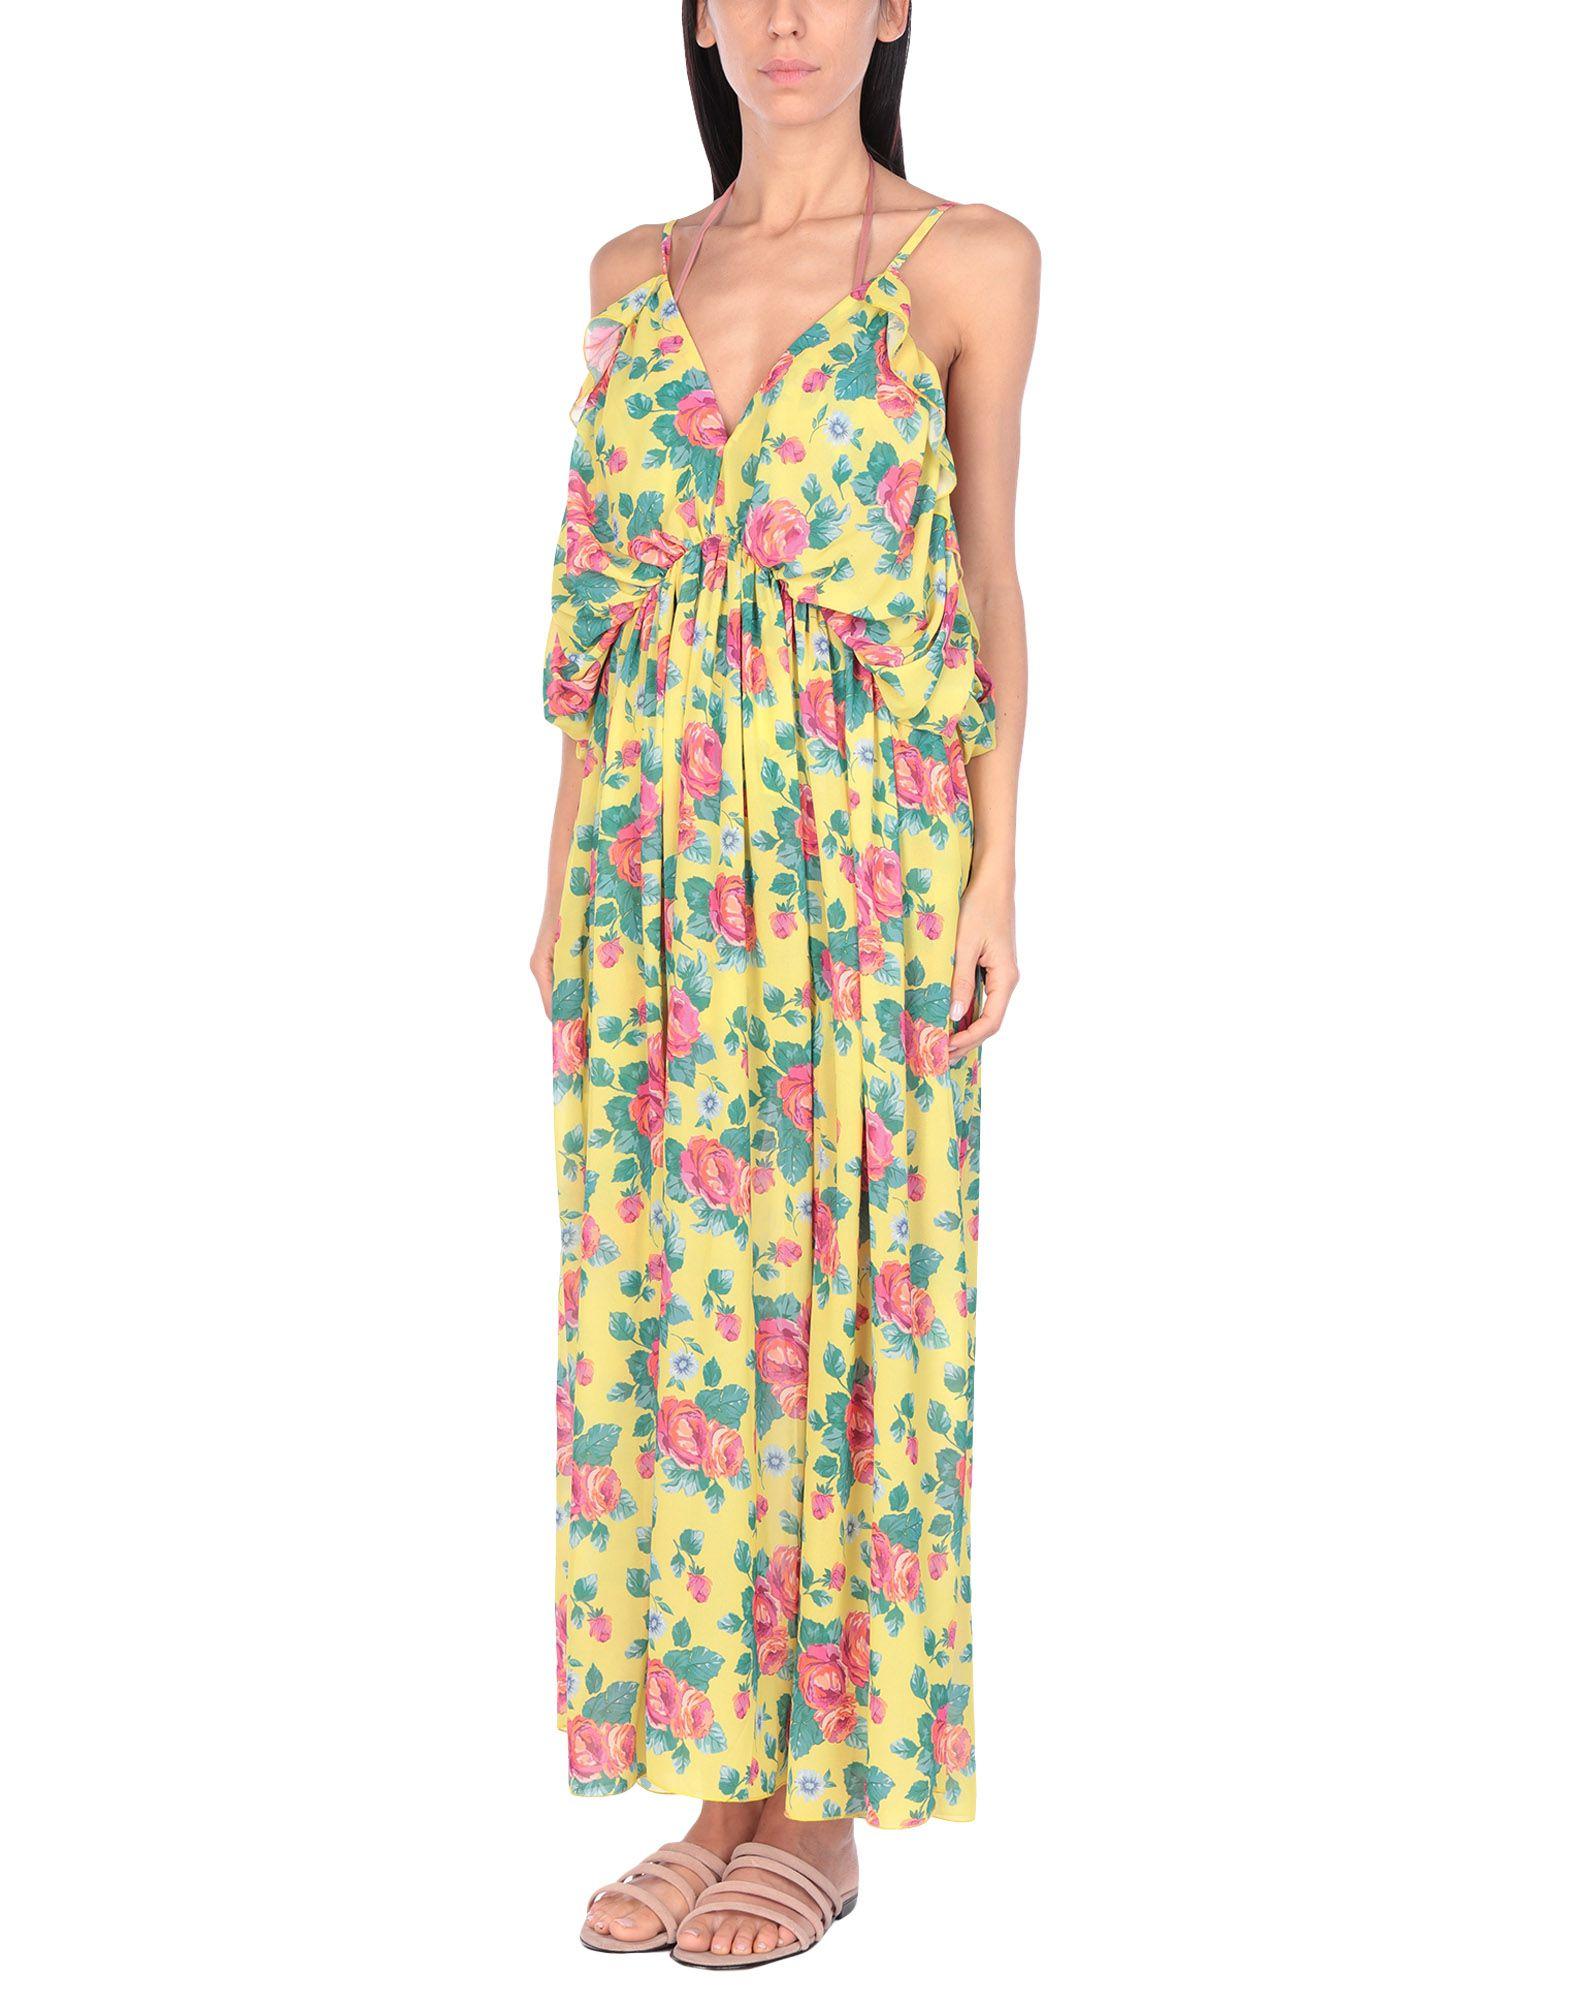 SUN SISTERS BEACHWEAR Пляжное платье